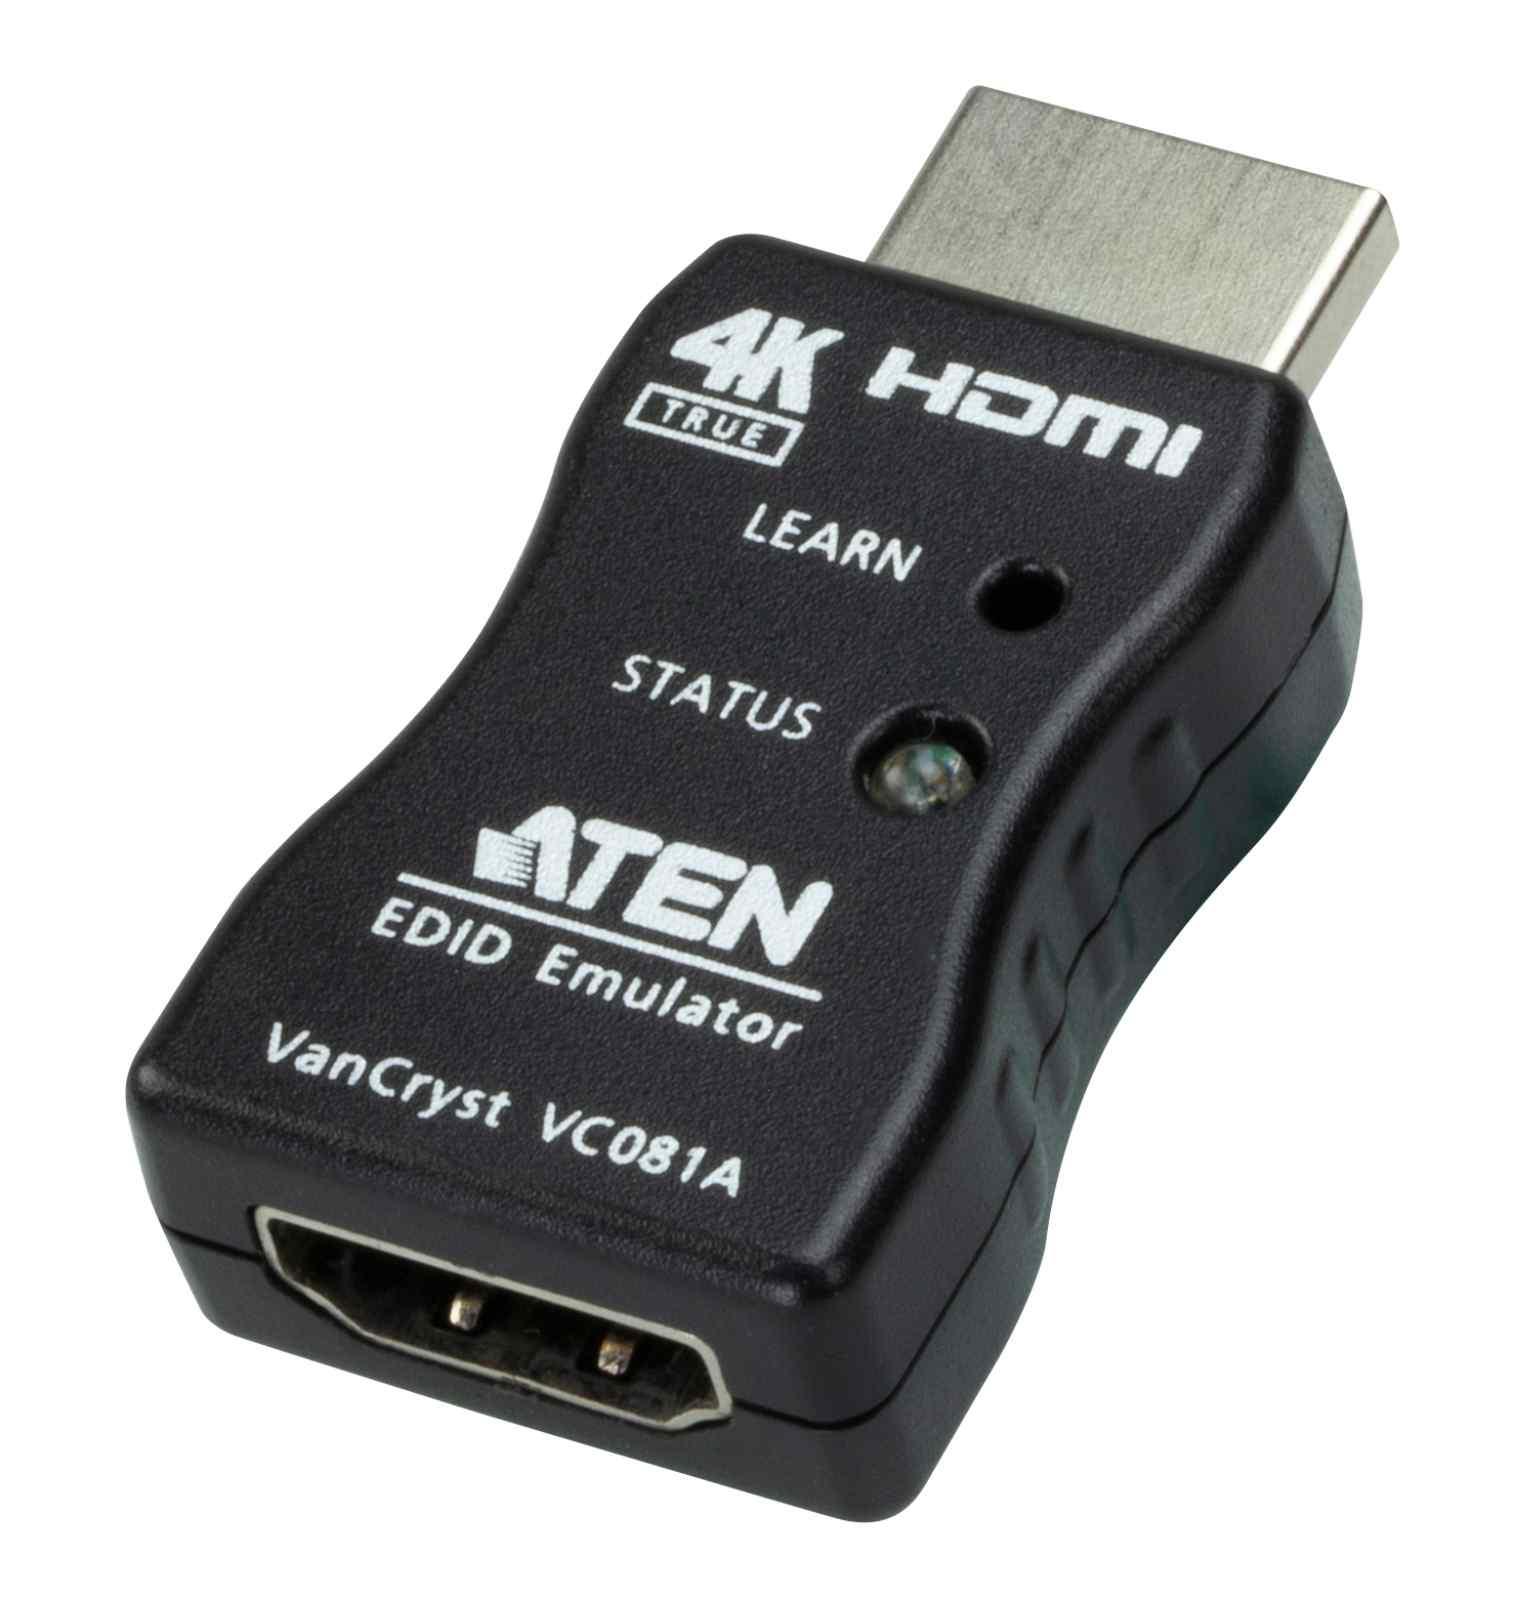 VC081A